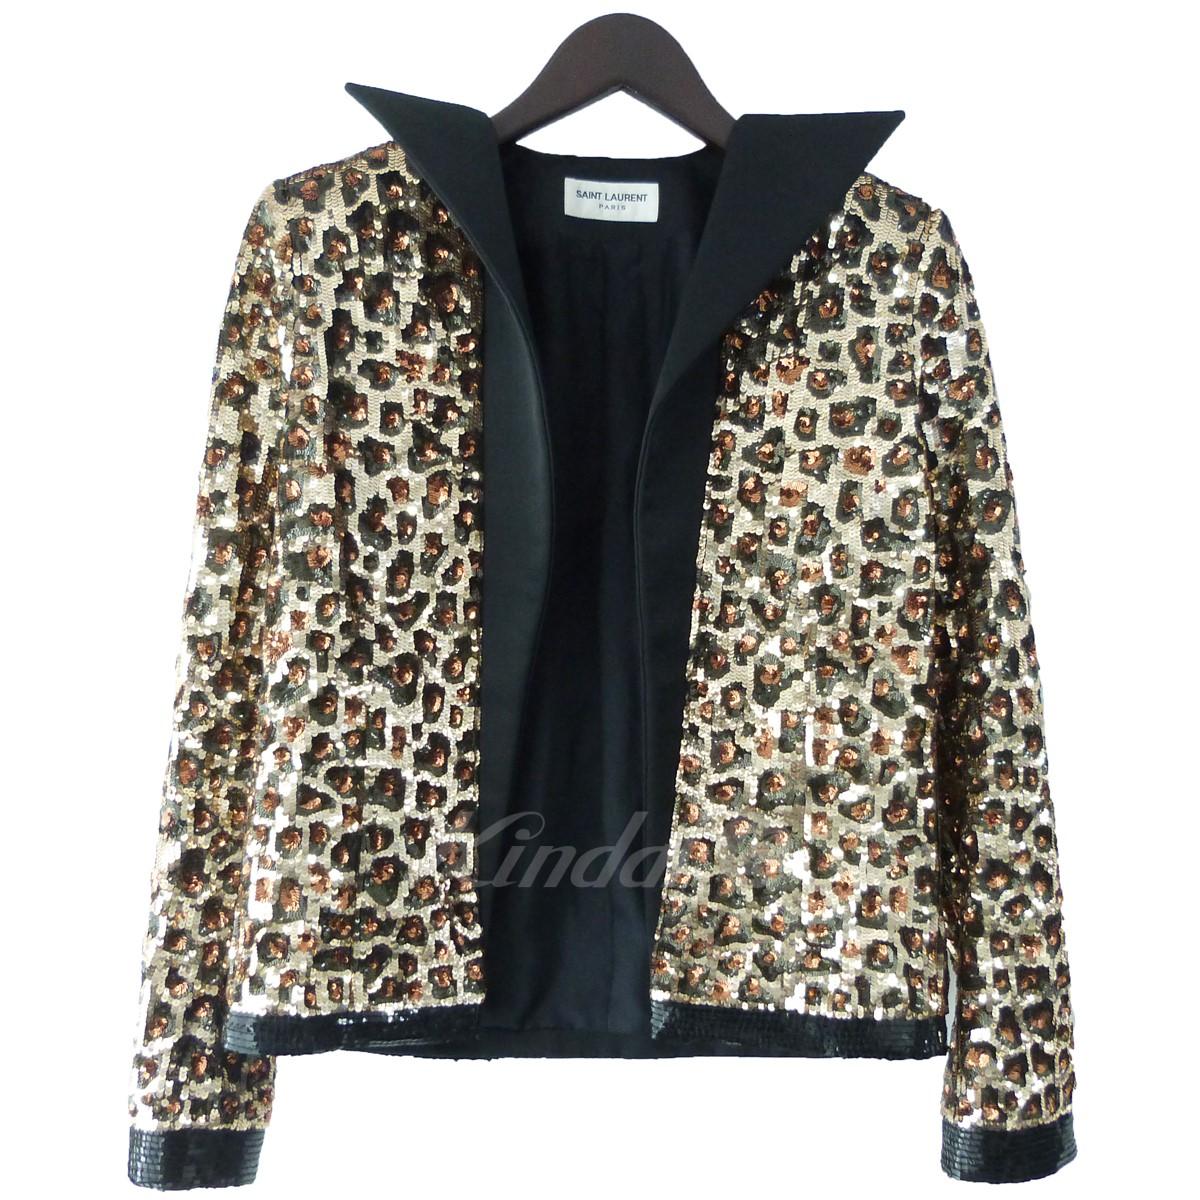 【中古】SAINT LAURENT PARIS 13AW スパンコール装飾レオパードジャケット ブラウン サイズ:F34 【送料無料】 【120319】(サンローランパリ)